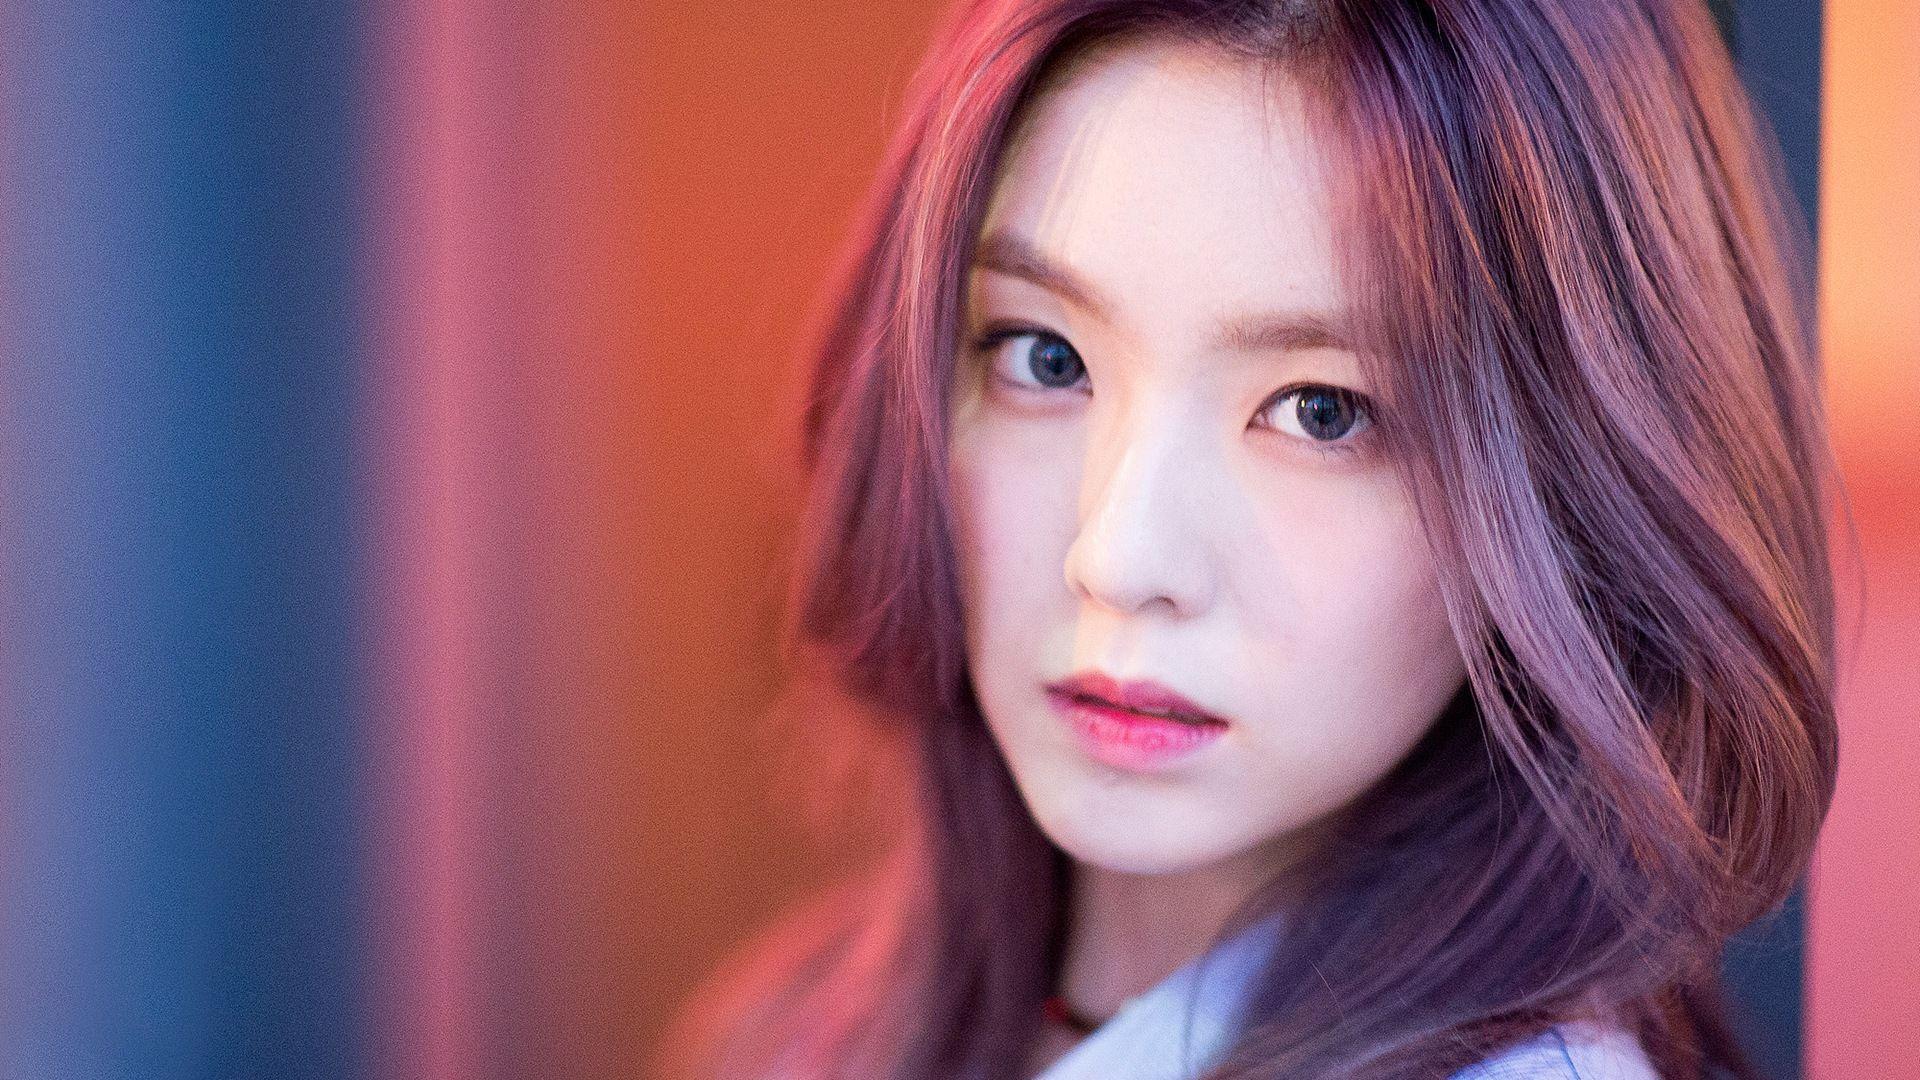 Red Velvet Irene Wallpapers Top Free Red Velvet Irene Backgrounds Wallpaperaccess